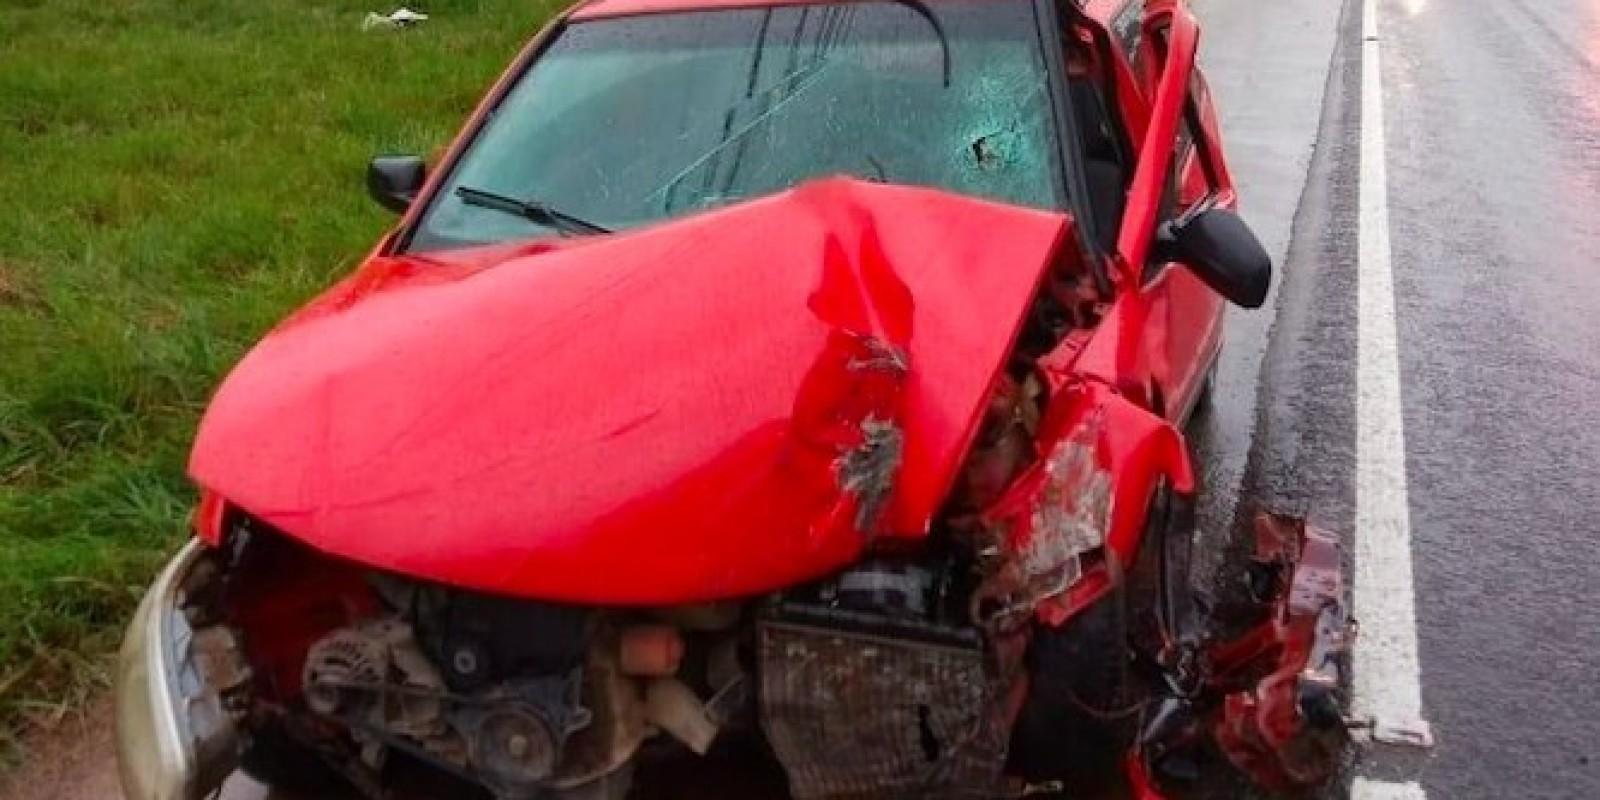 Motorista de Anitápolis perde o controle da direção e colide carro contra poste na SC-370